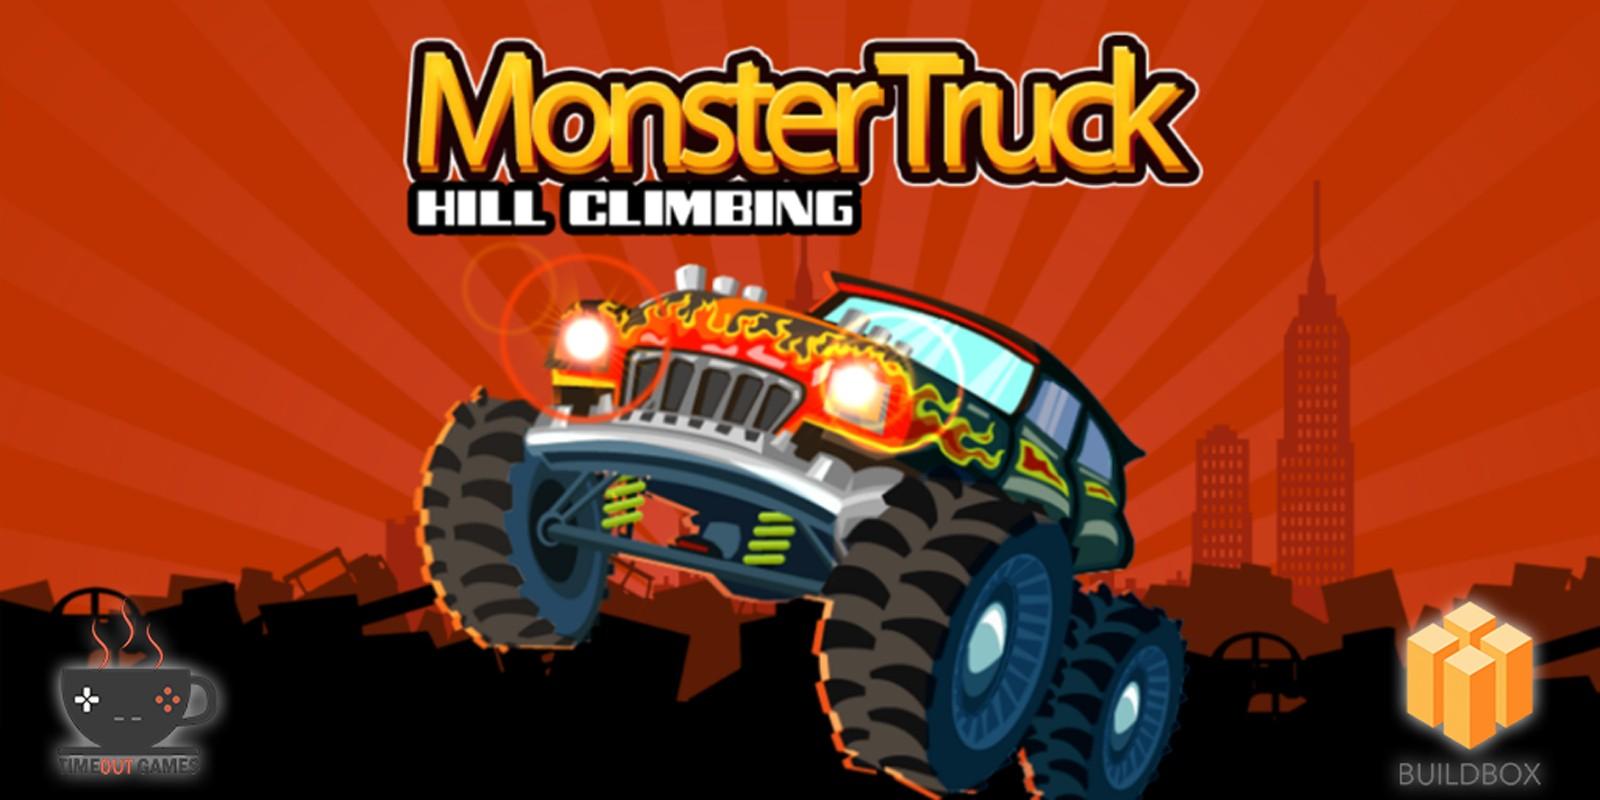 MonsterTruck - Hill Climb - Buildbox Game Template